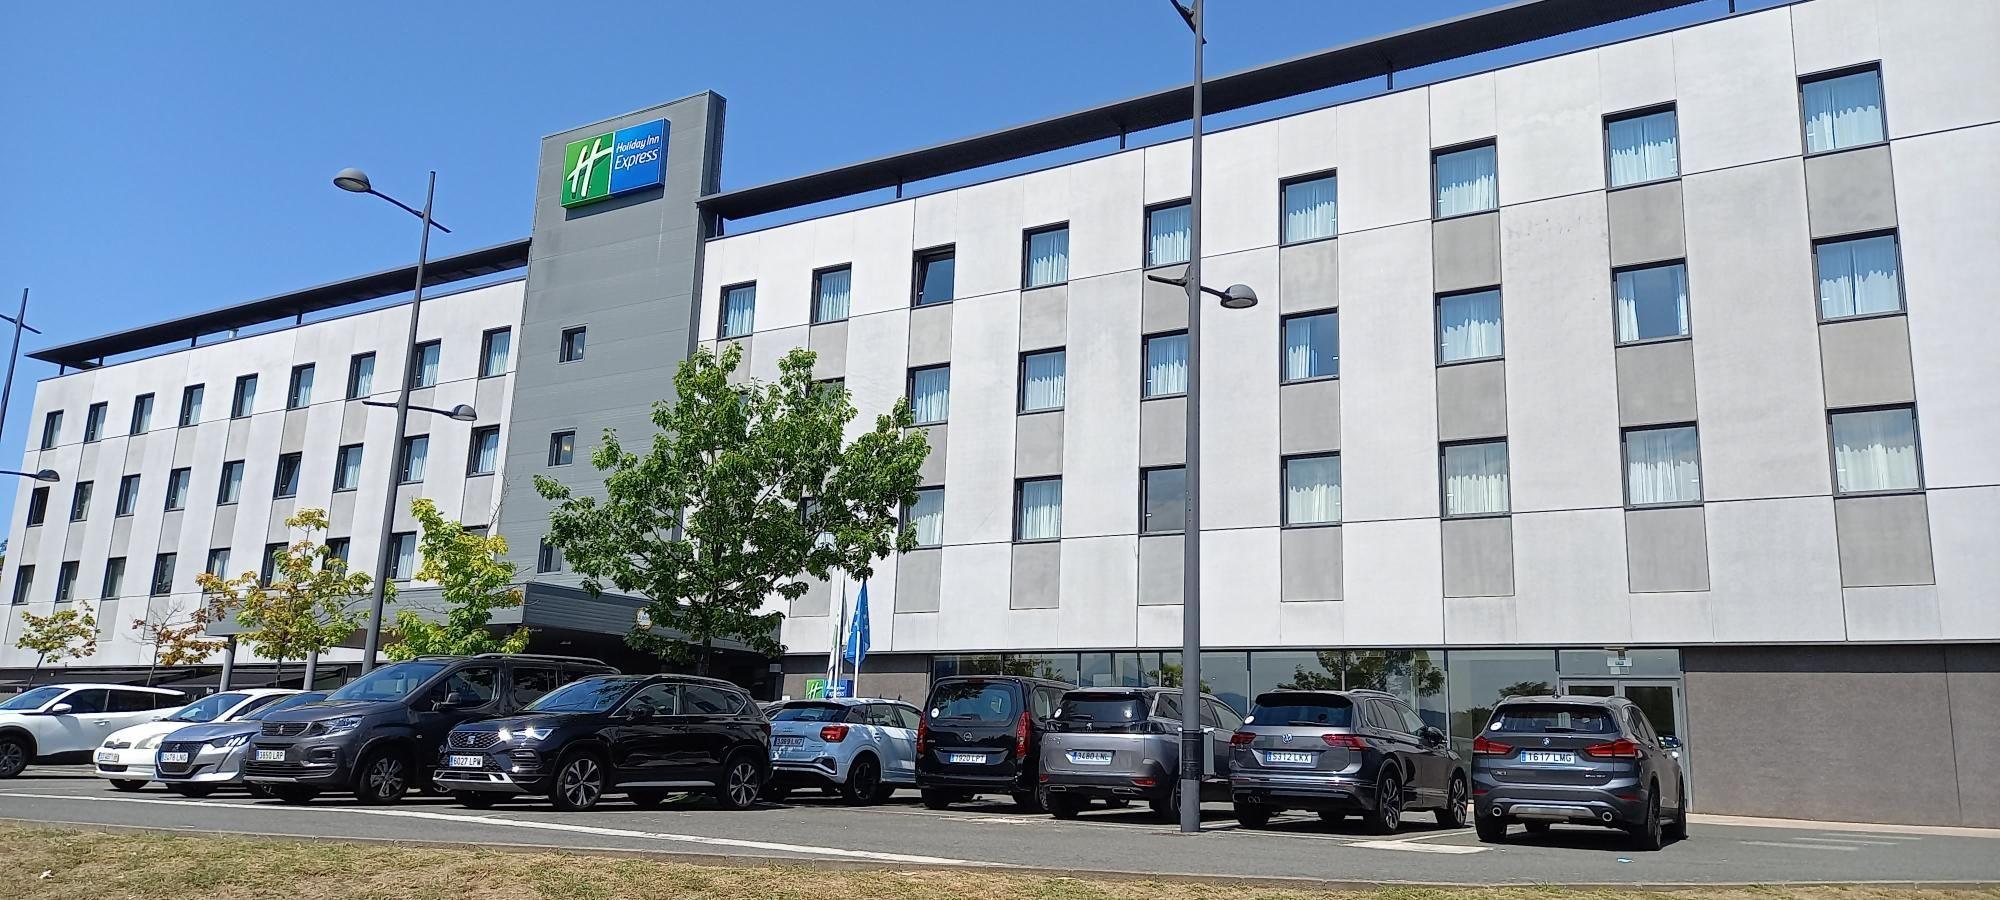 OK Mobility traslada su oficina de Bilbao al hotel Holiday Inn Express ante el aumento de las reservas